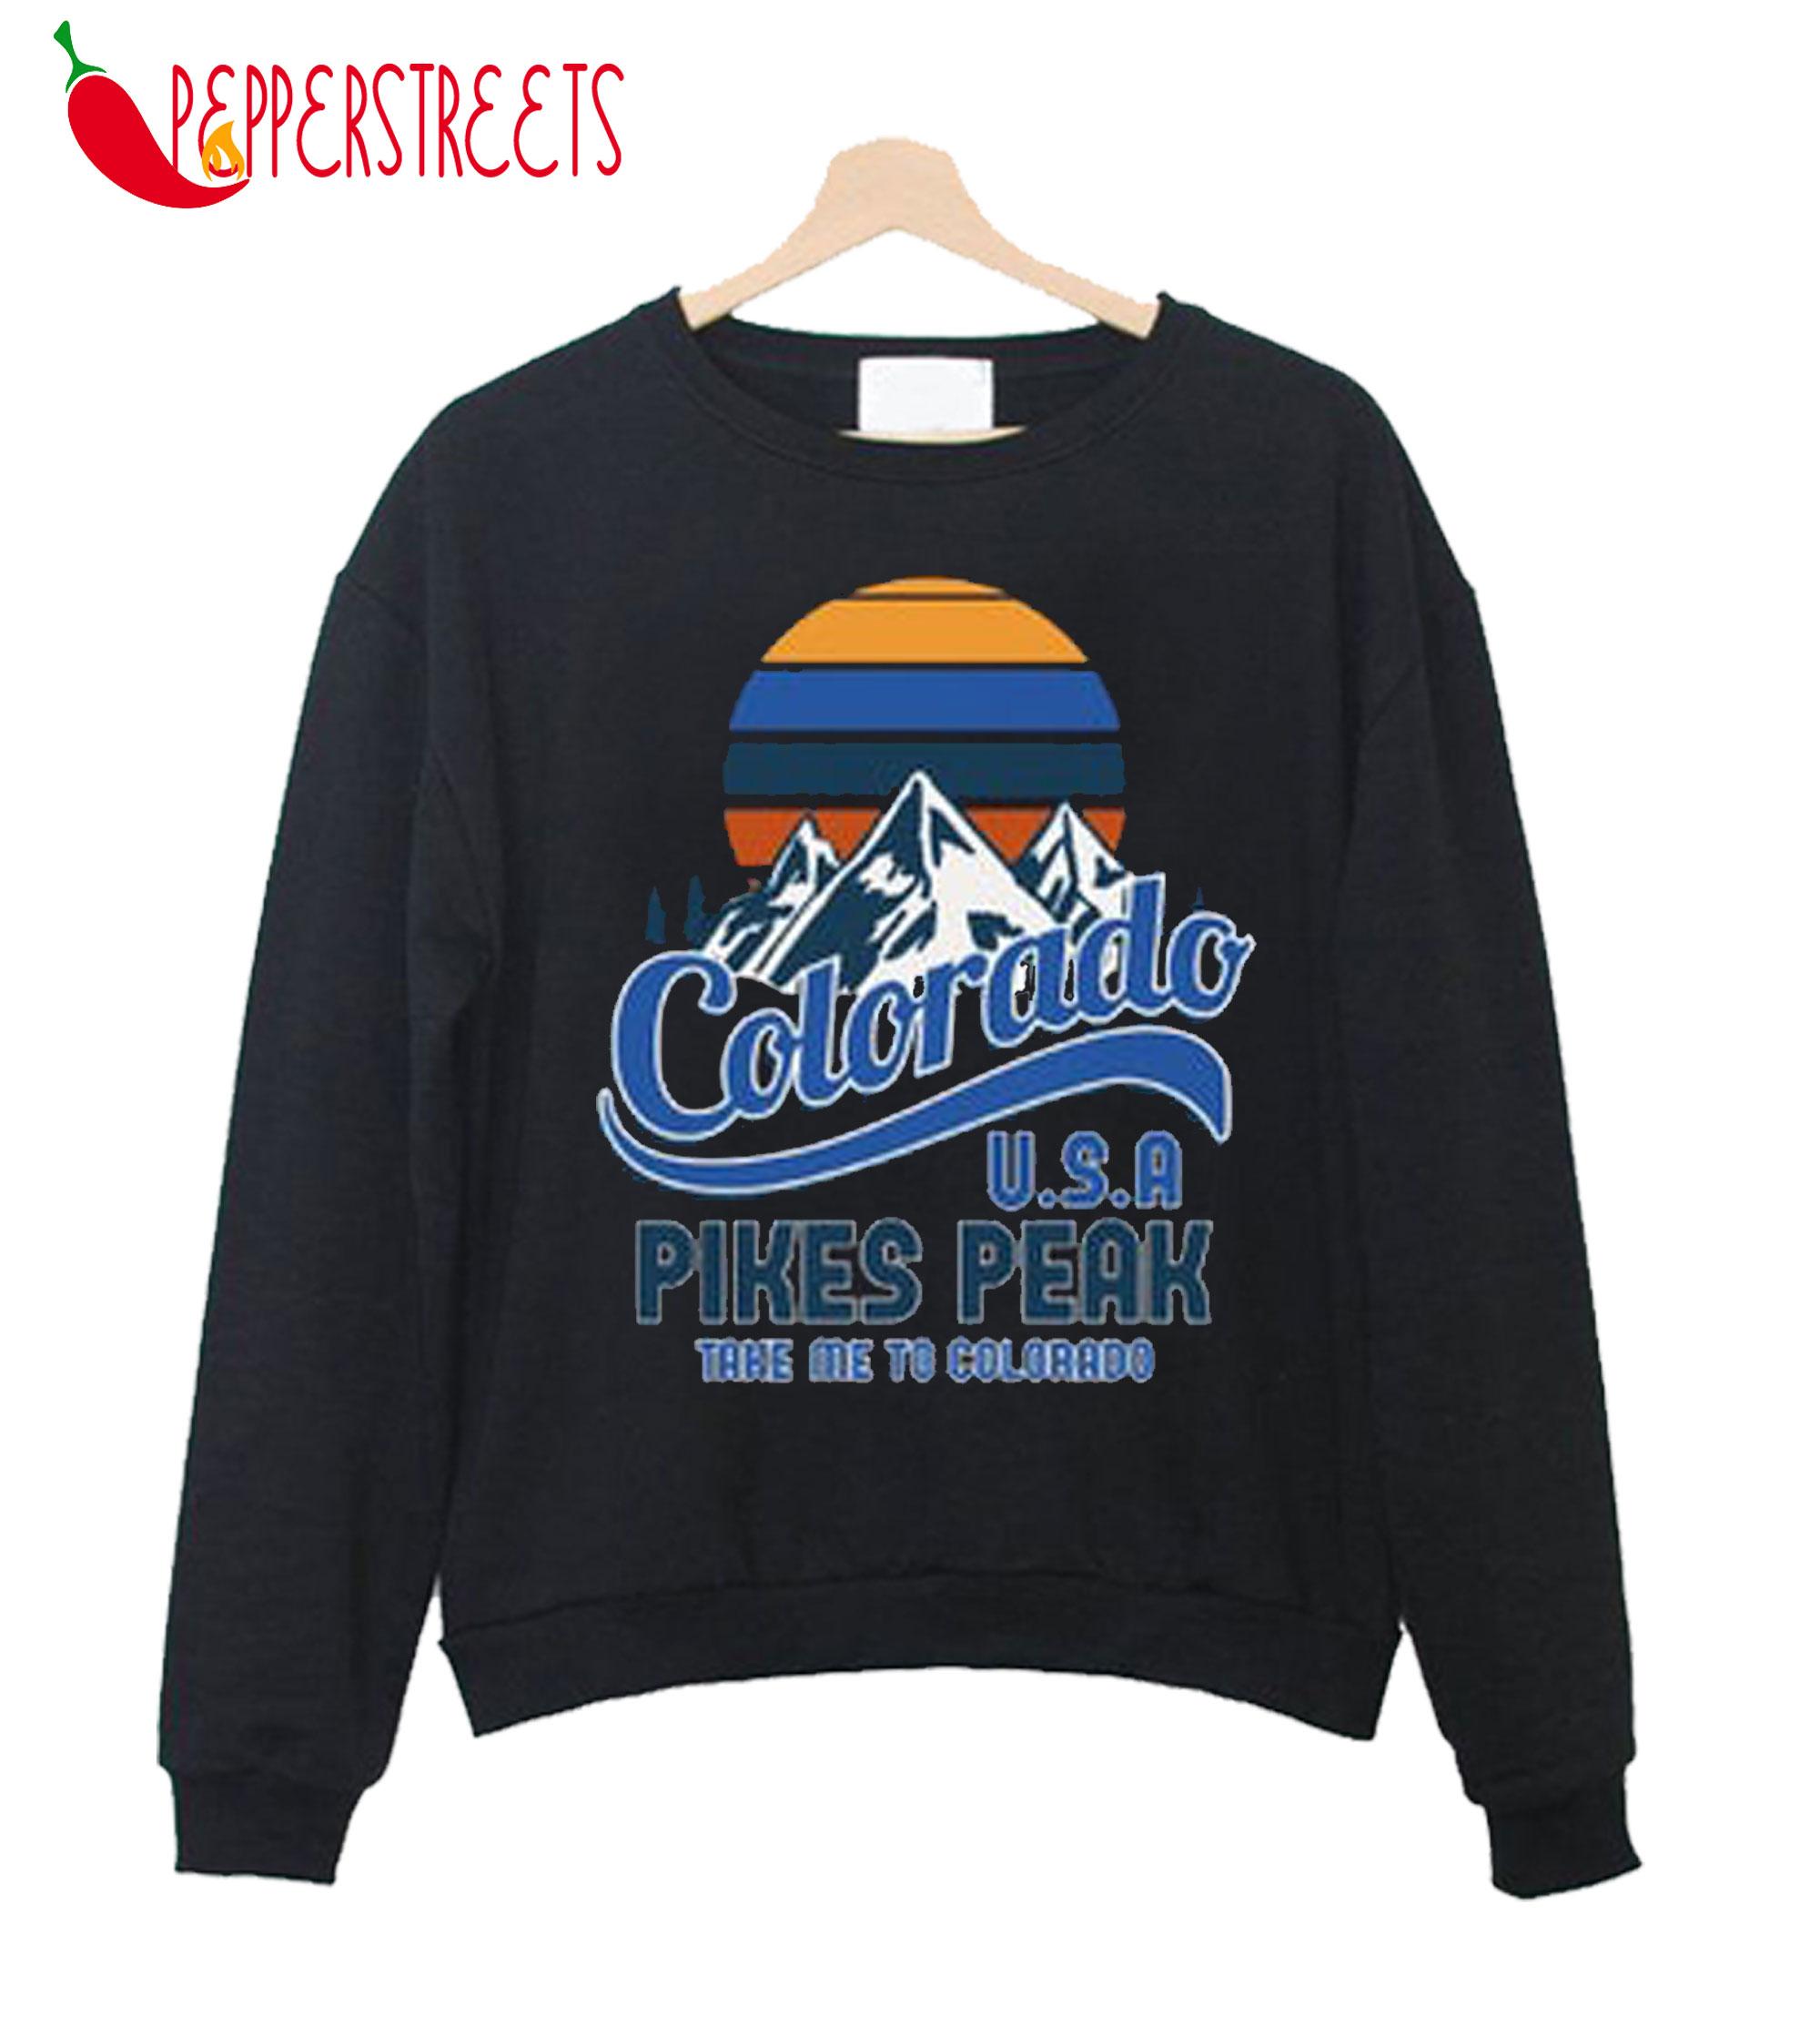 Colorado Usa Pikes Peak Take Me To Colorado Sweatshirt